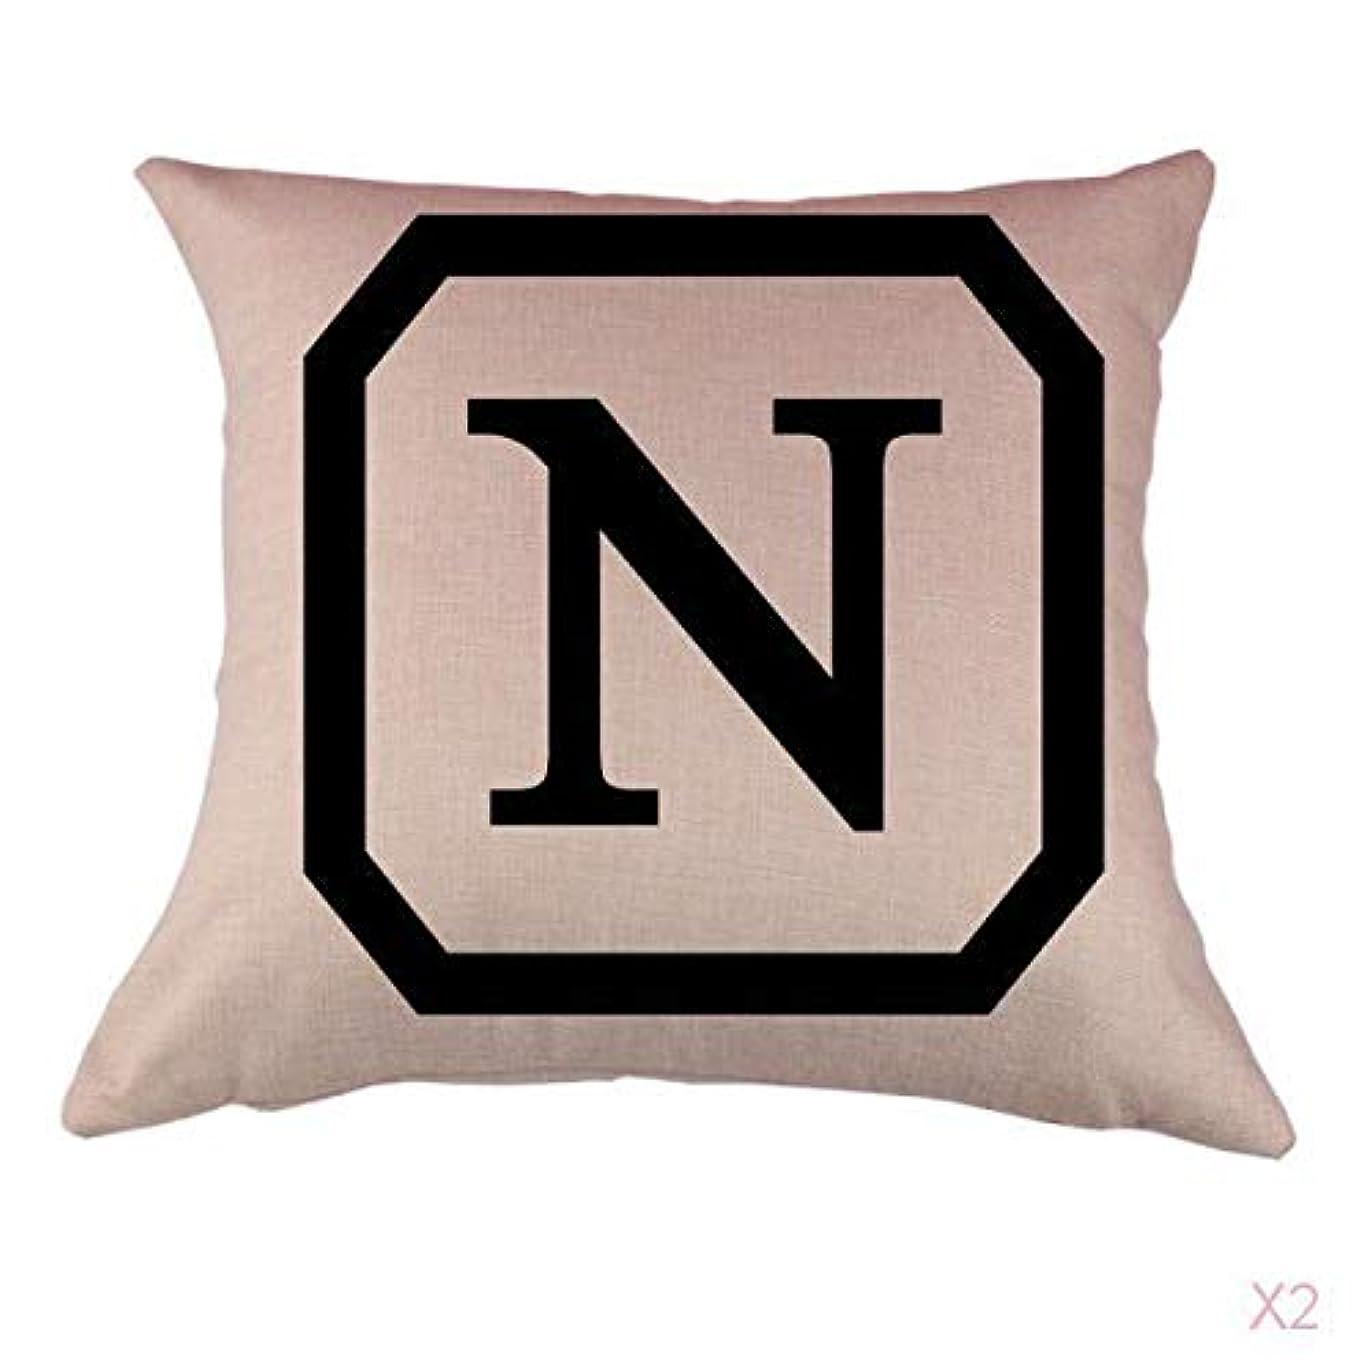 プログレッシブブランデー太いコットンリネンスロー枕カバークッションカバー家の装飾頭文字nを